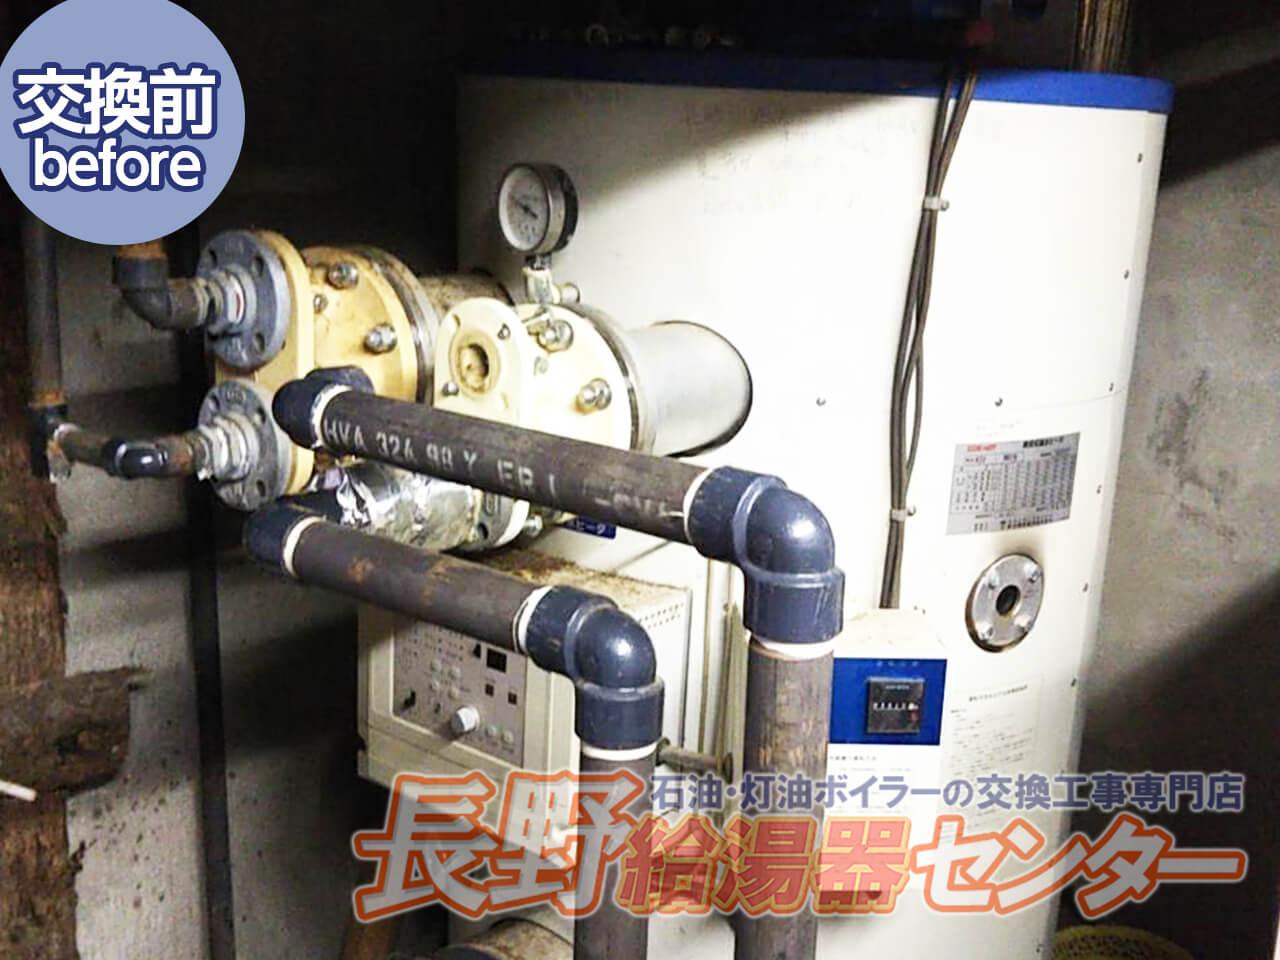 上高井郡高山村 業務用ボイラー OQB-407WZFFへ交換工事